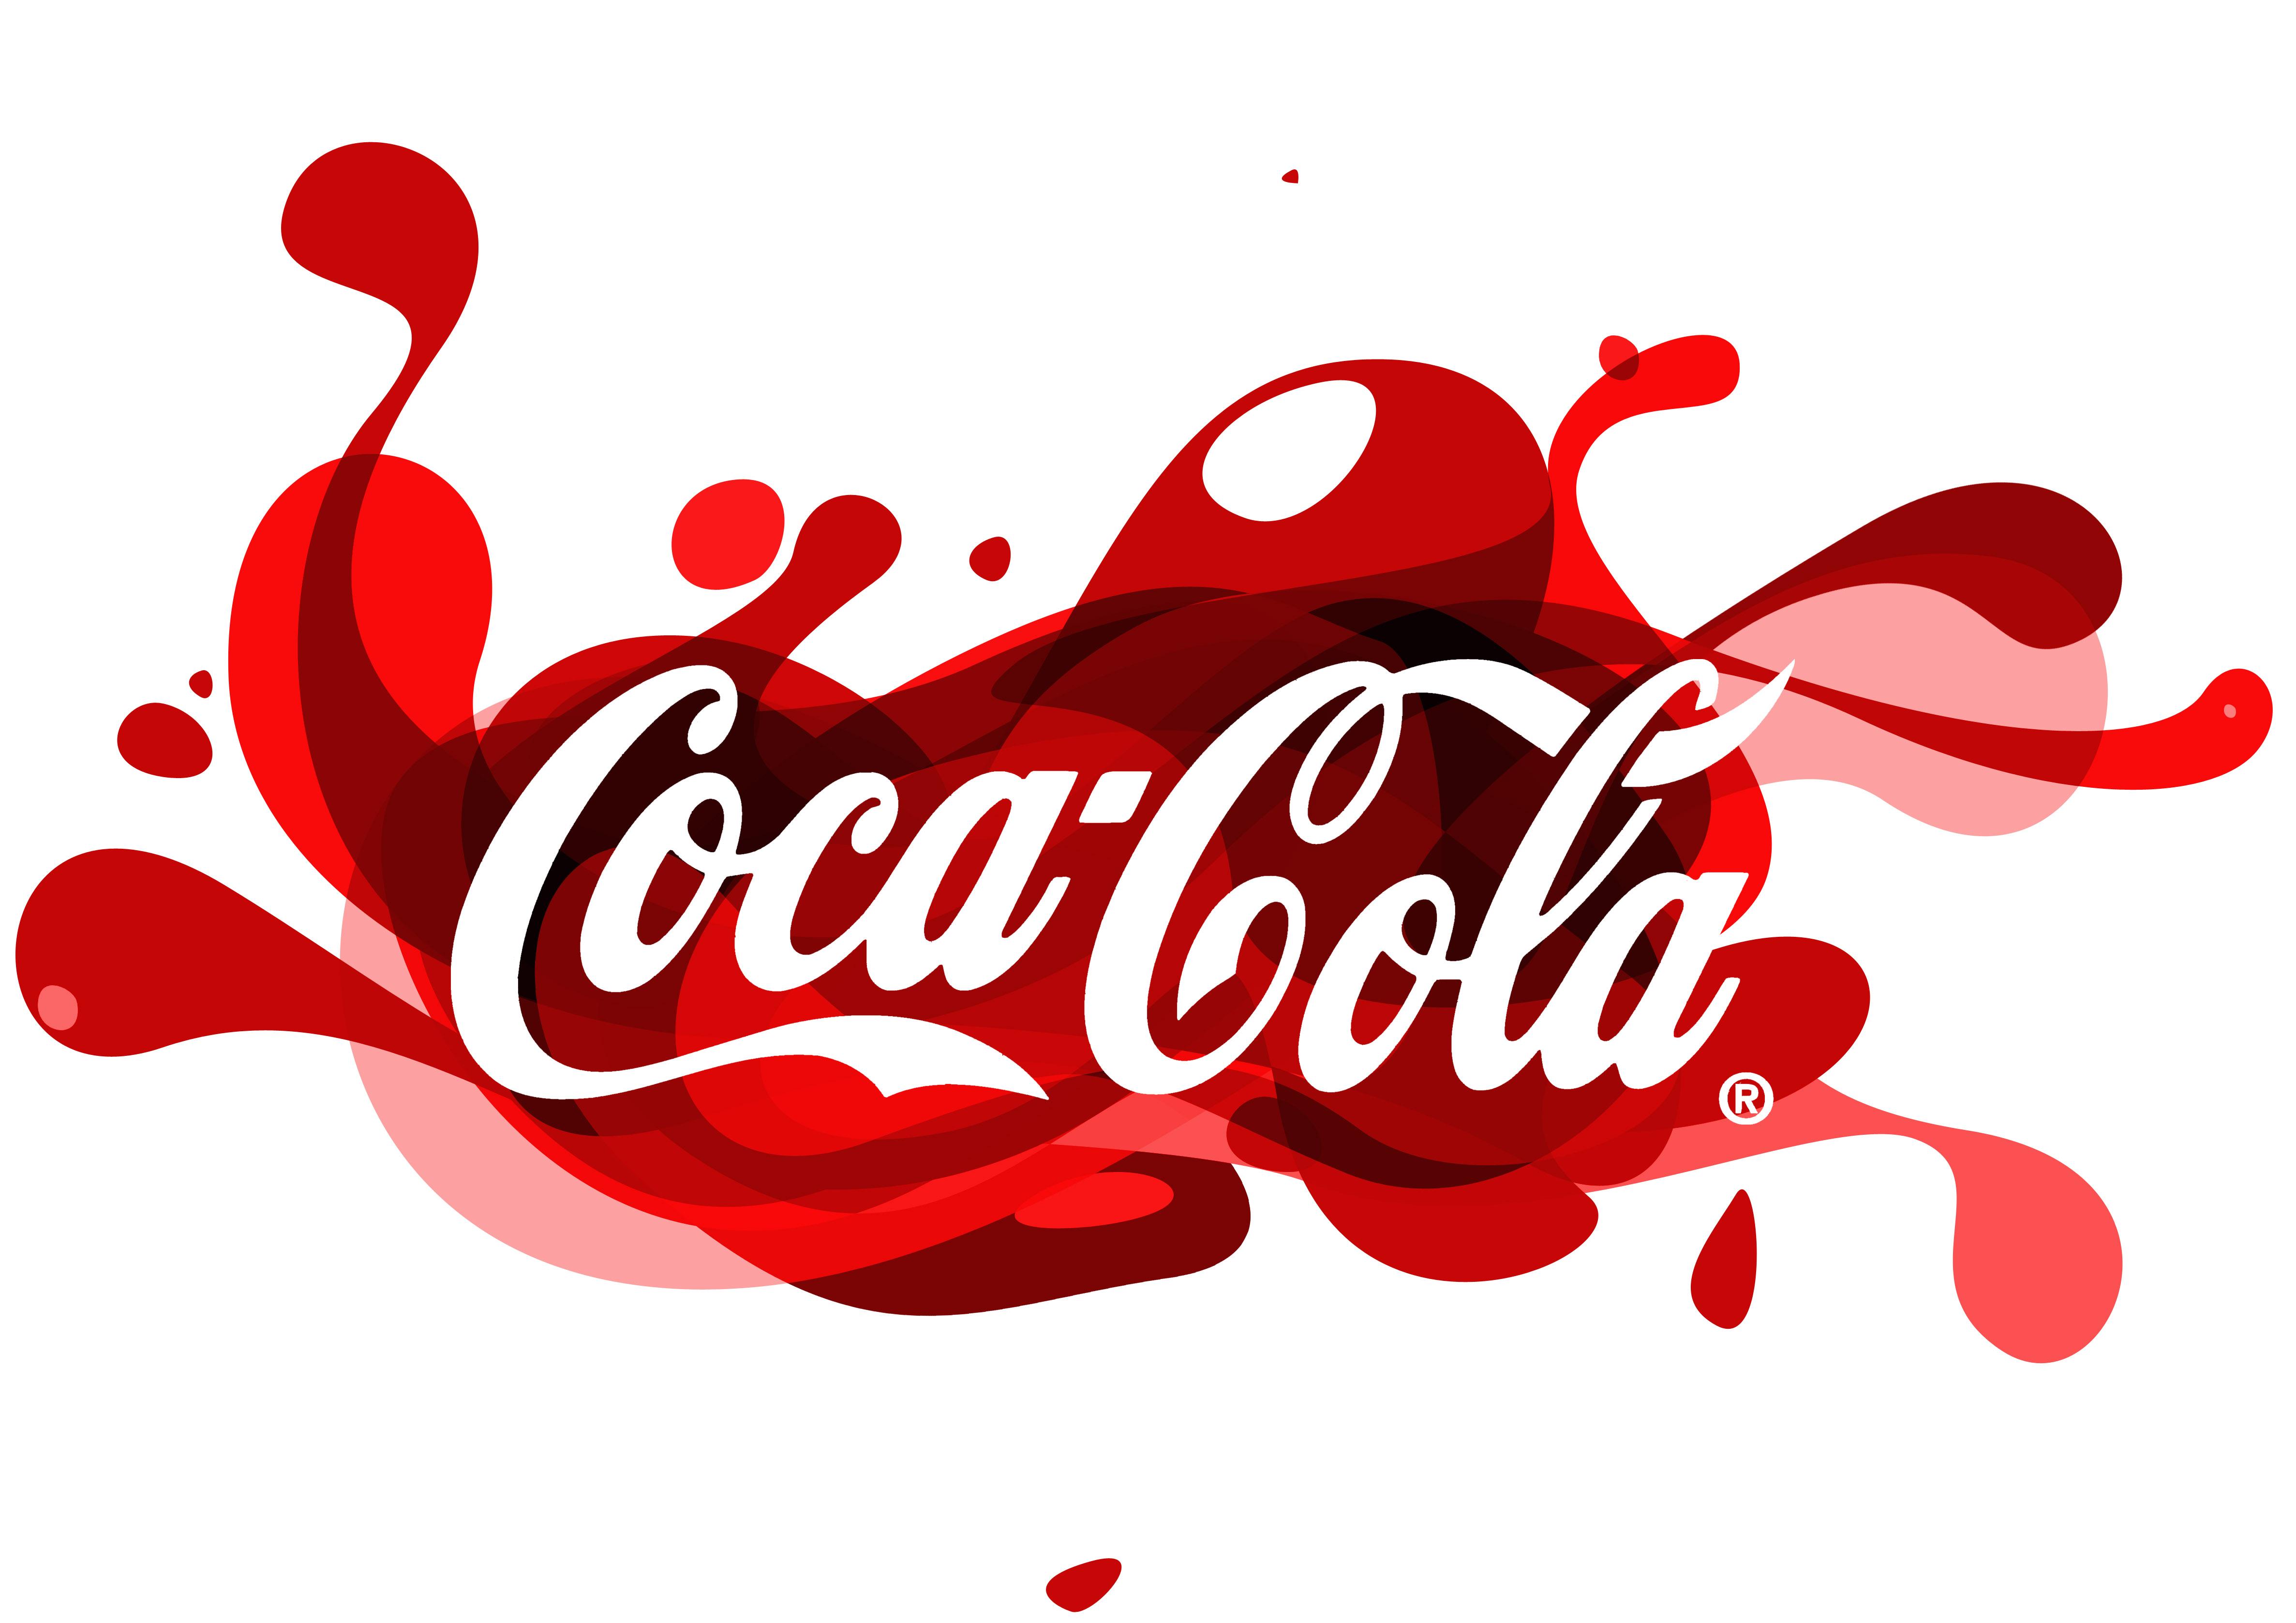 可口可乐 4.005亿美元收购粗粮王饮料业务